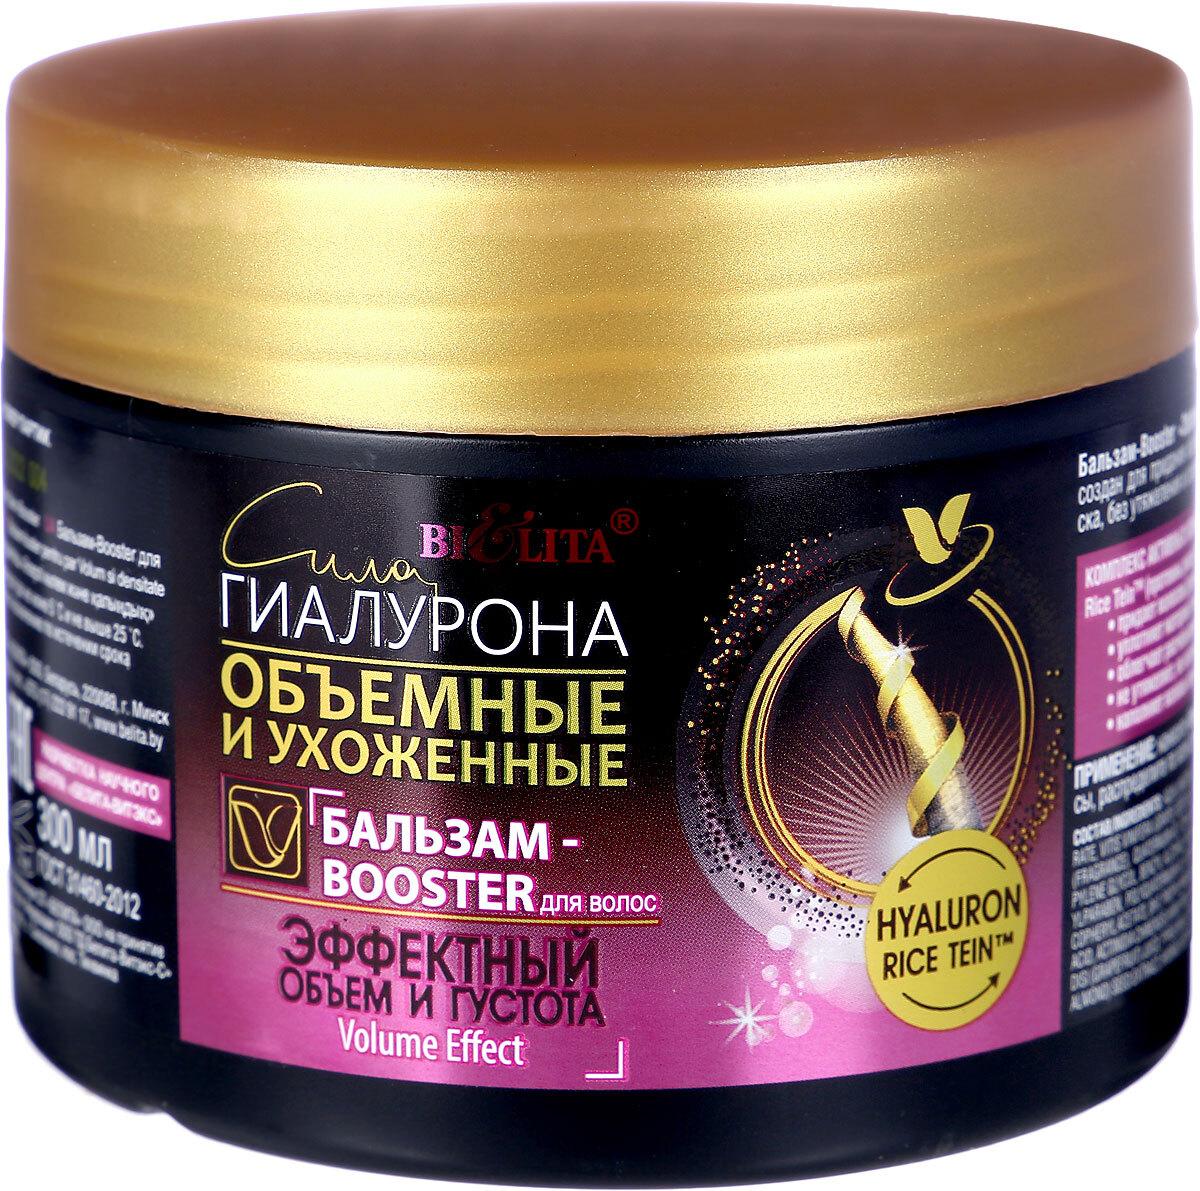 Купить Бальзам-Booster для волос Сила гиалурона Эффектный объём и густота , 300 мл, Белита